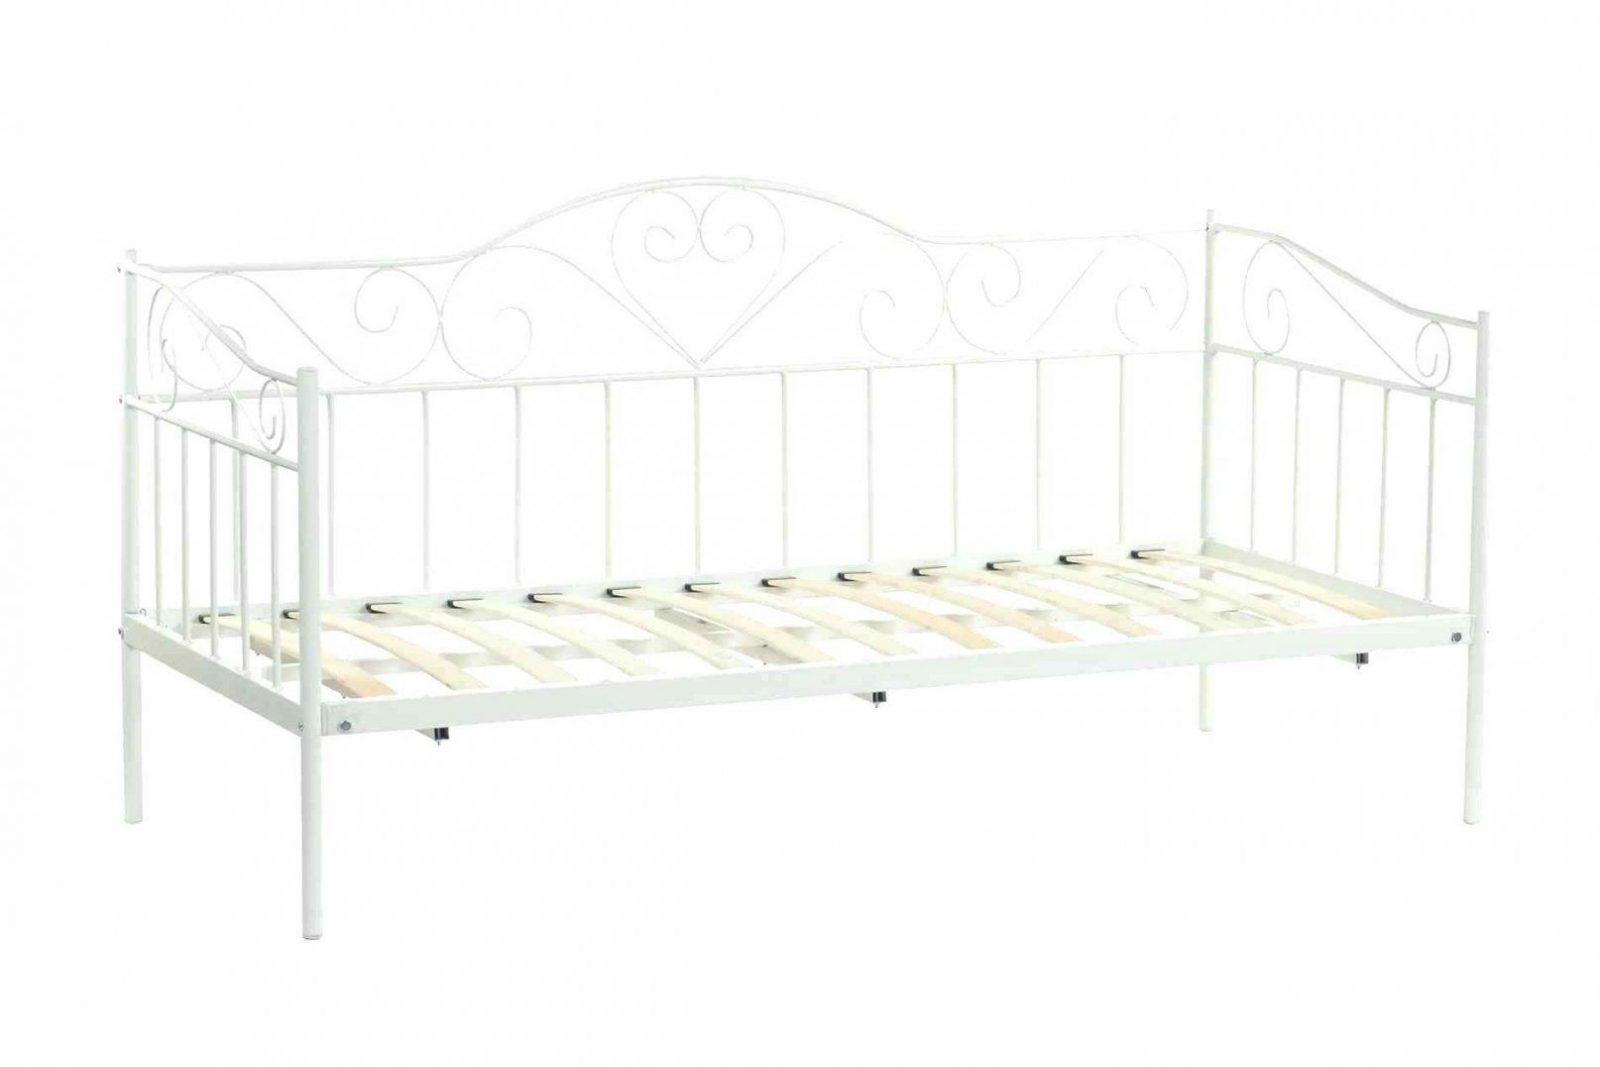 Ikea Betten 90x200 Weiß : neu ikea betten 90x200 wei bilder von bett idee 314247 bett ideen von ikea metallbett wei ~ Watch28wear.com Haus und Dekorationen